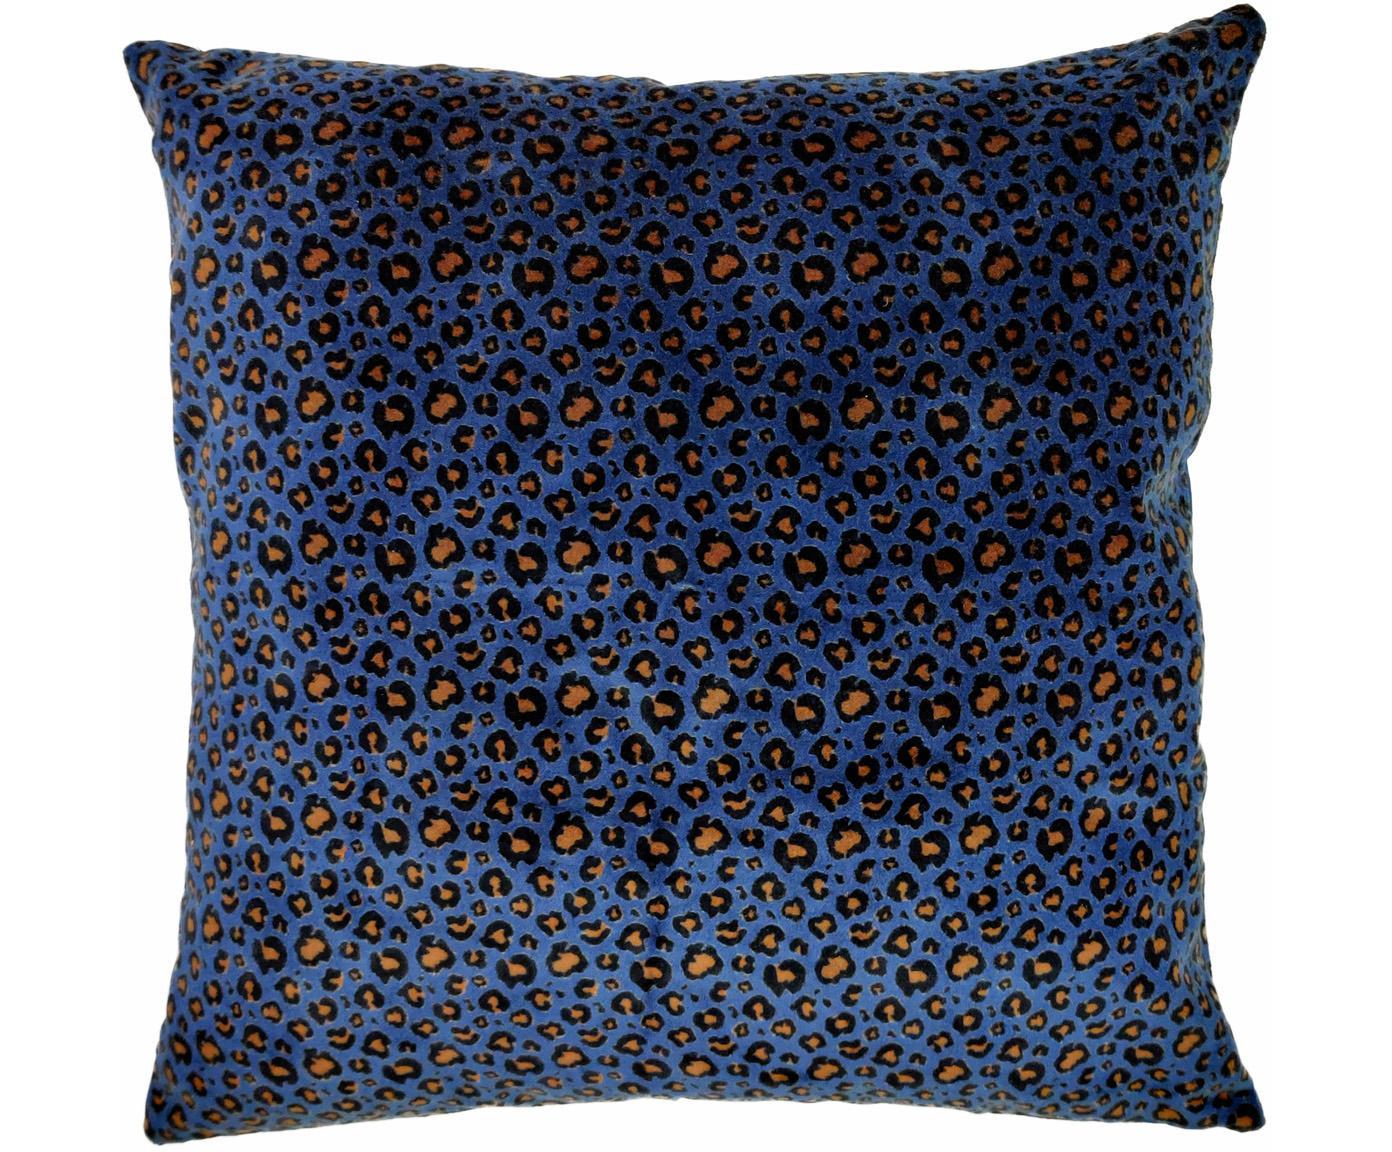 Poduszka z aksamitu z wypełnieniem Leopard, Tapicerka: 100% bawełna, Niebieski, czarny, beżowy, S 45 x D 45 cm